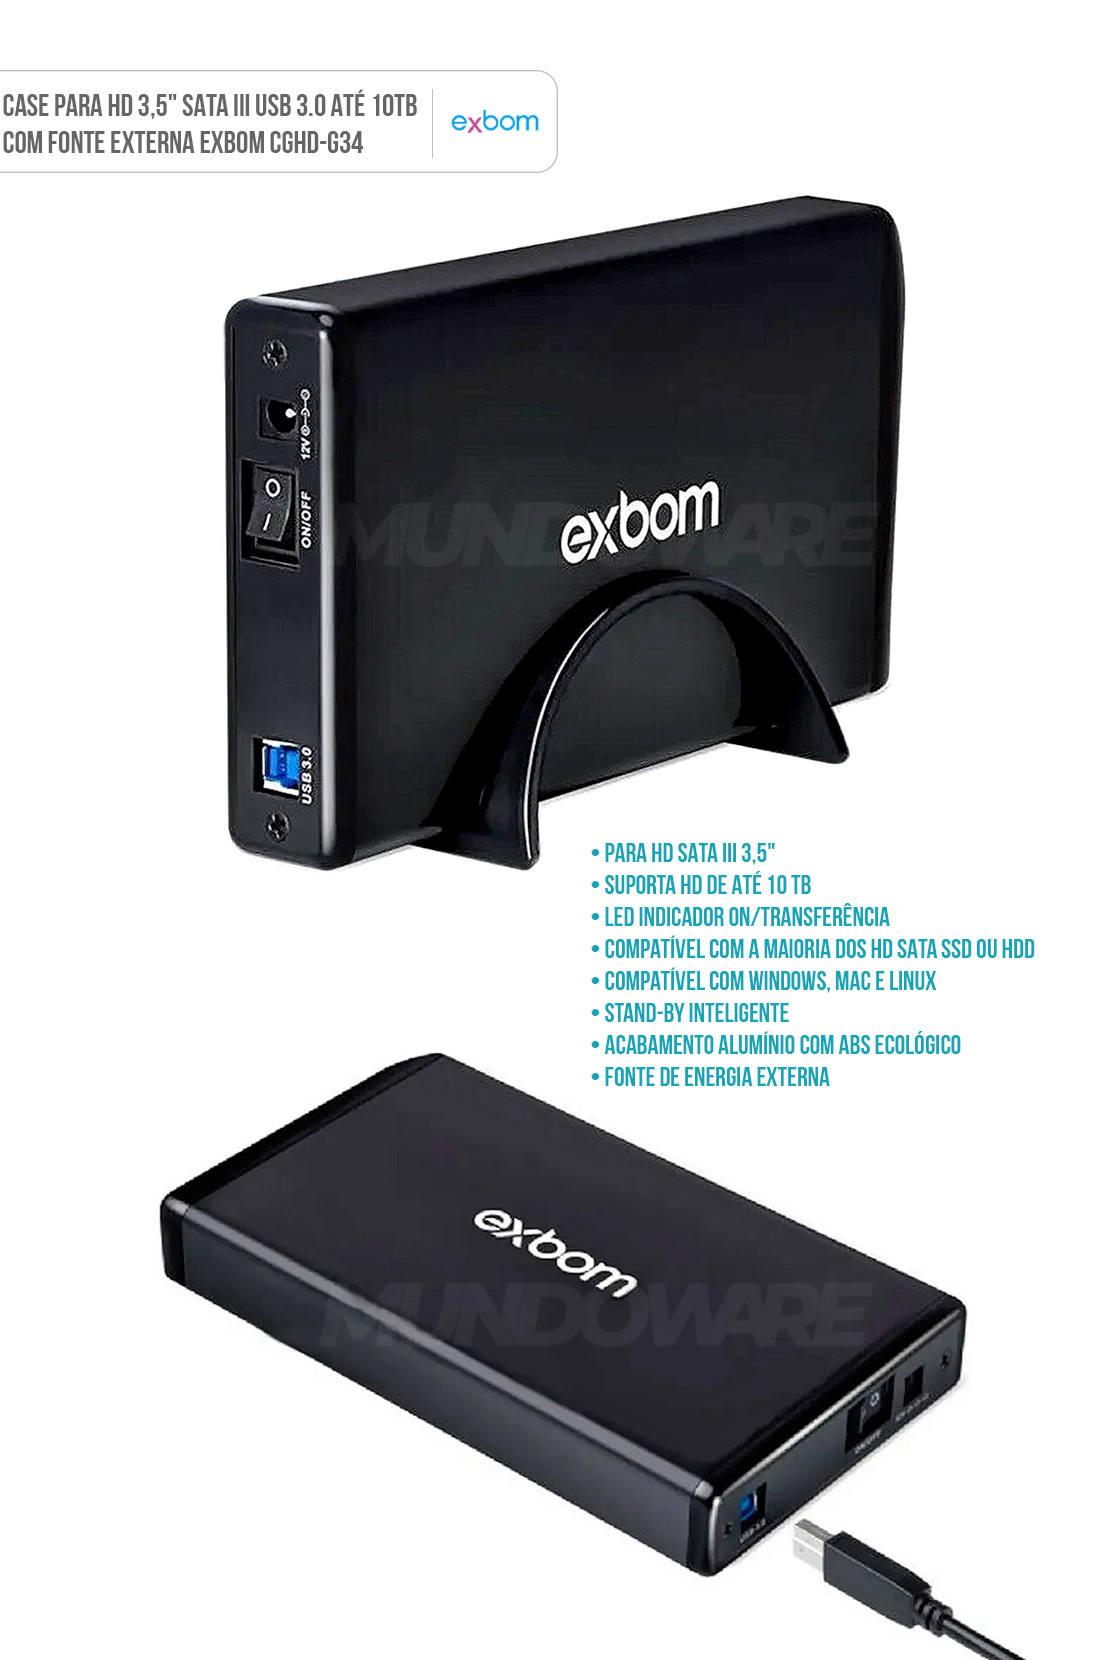 Case para HD 3.5 polegadas SATA III USB 3.0 até 10TB em Alumínio com Fonte Externa Exbom CGHD-G34